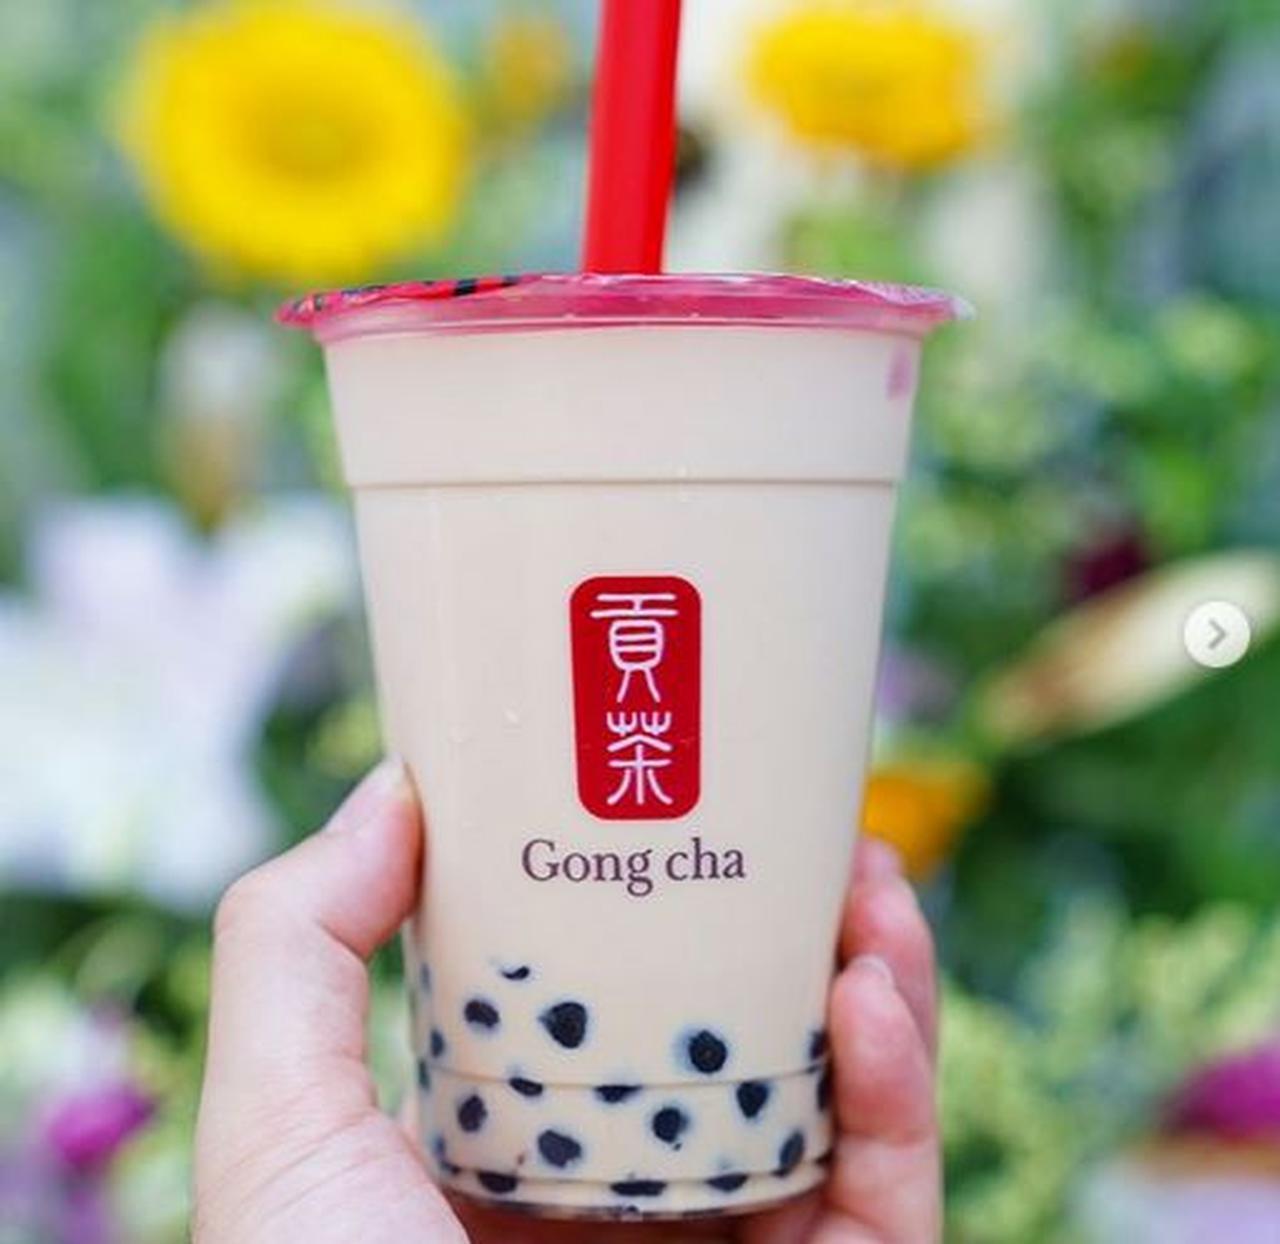 タピオカ入りのミルクティーに、フォーリンラブ!台湾茶で人気のゴンチャが、8月24日大阪.